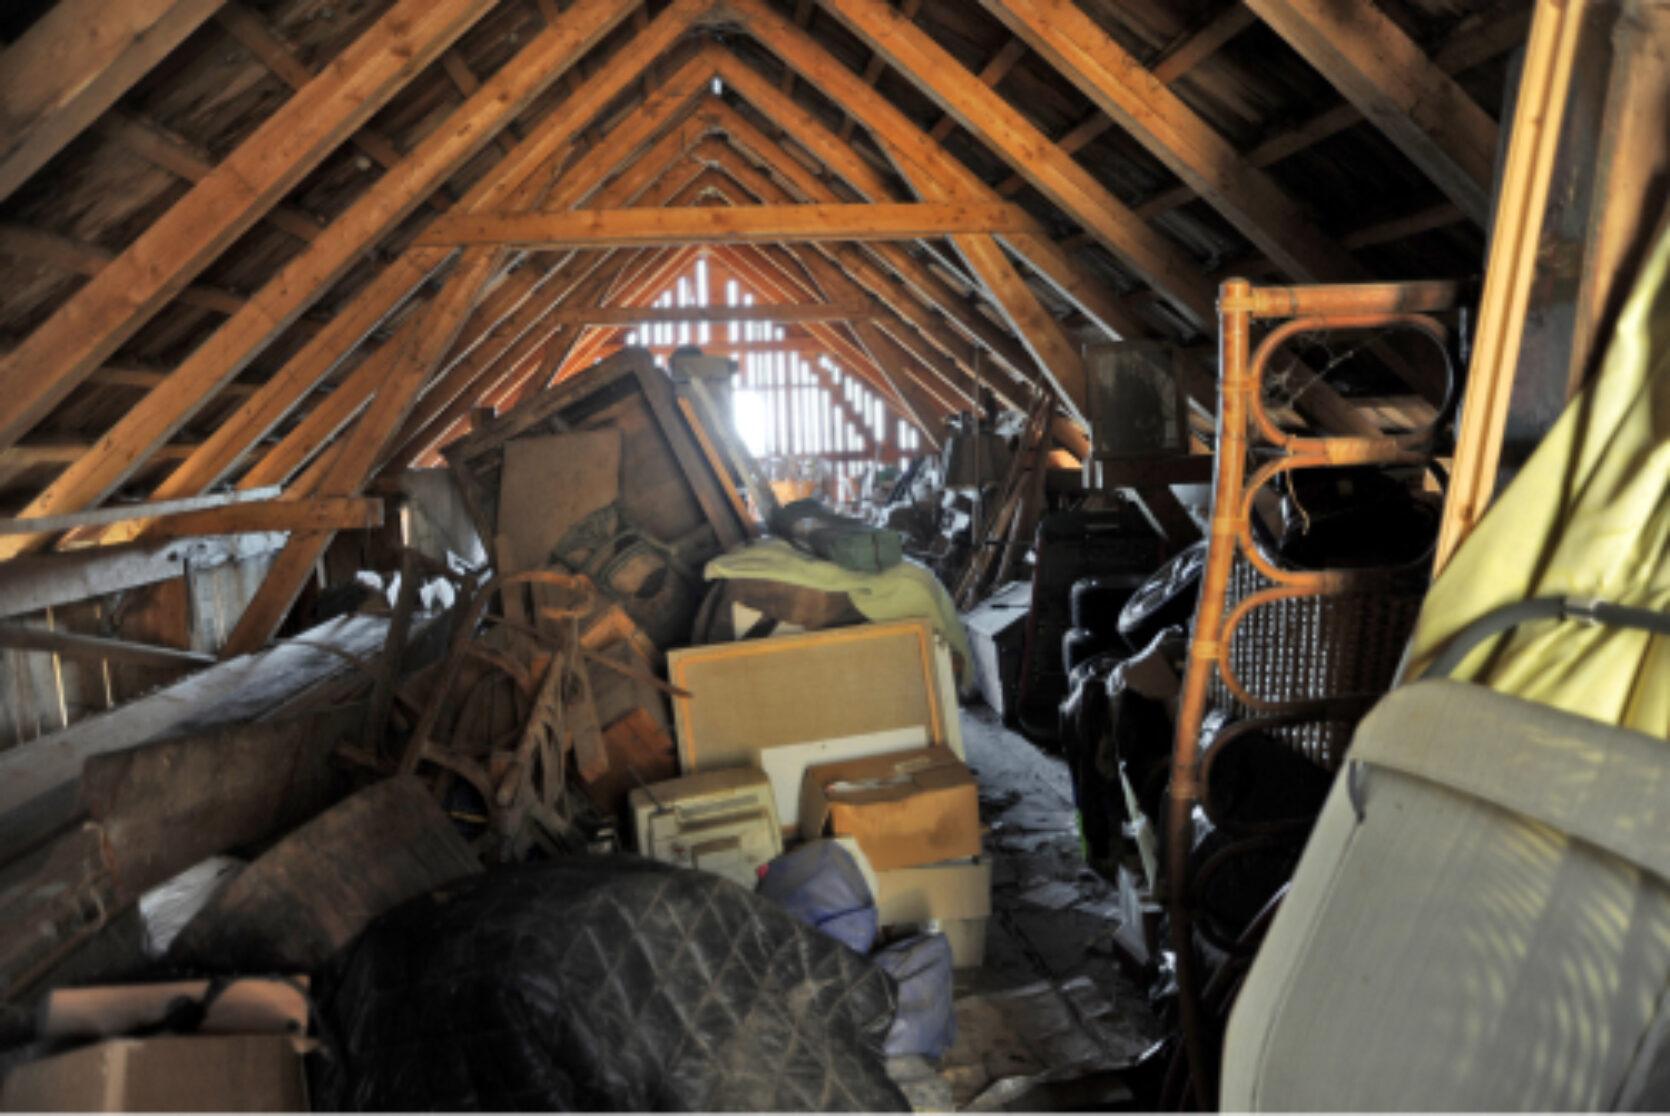 Et rotete kaldloft med masse esker, møbler og annet interiør